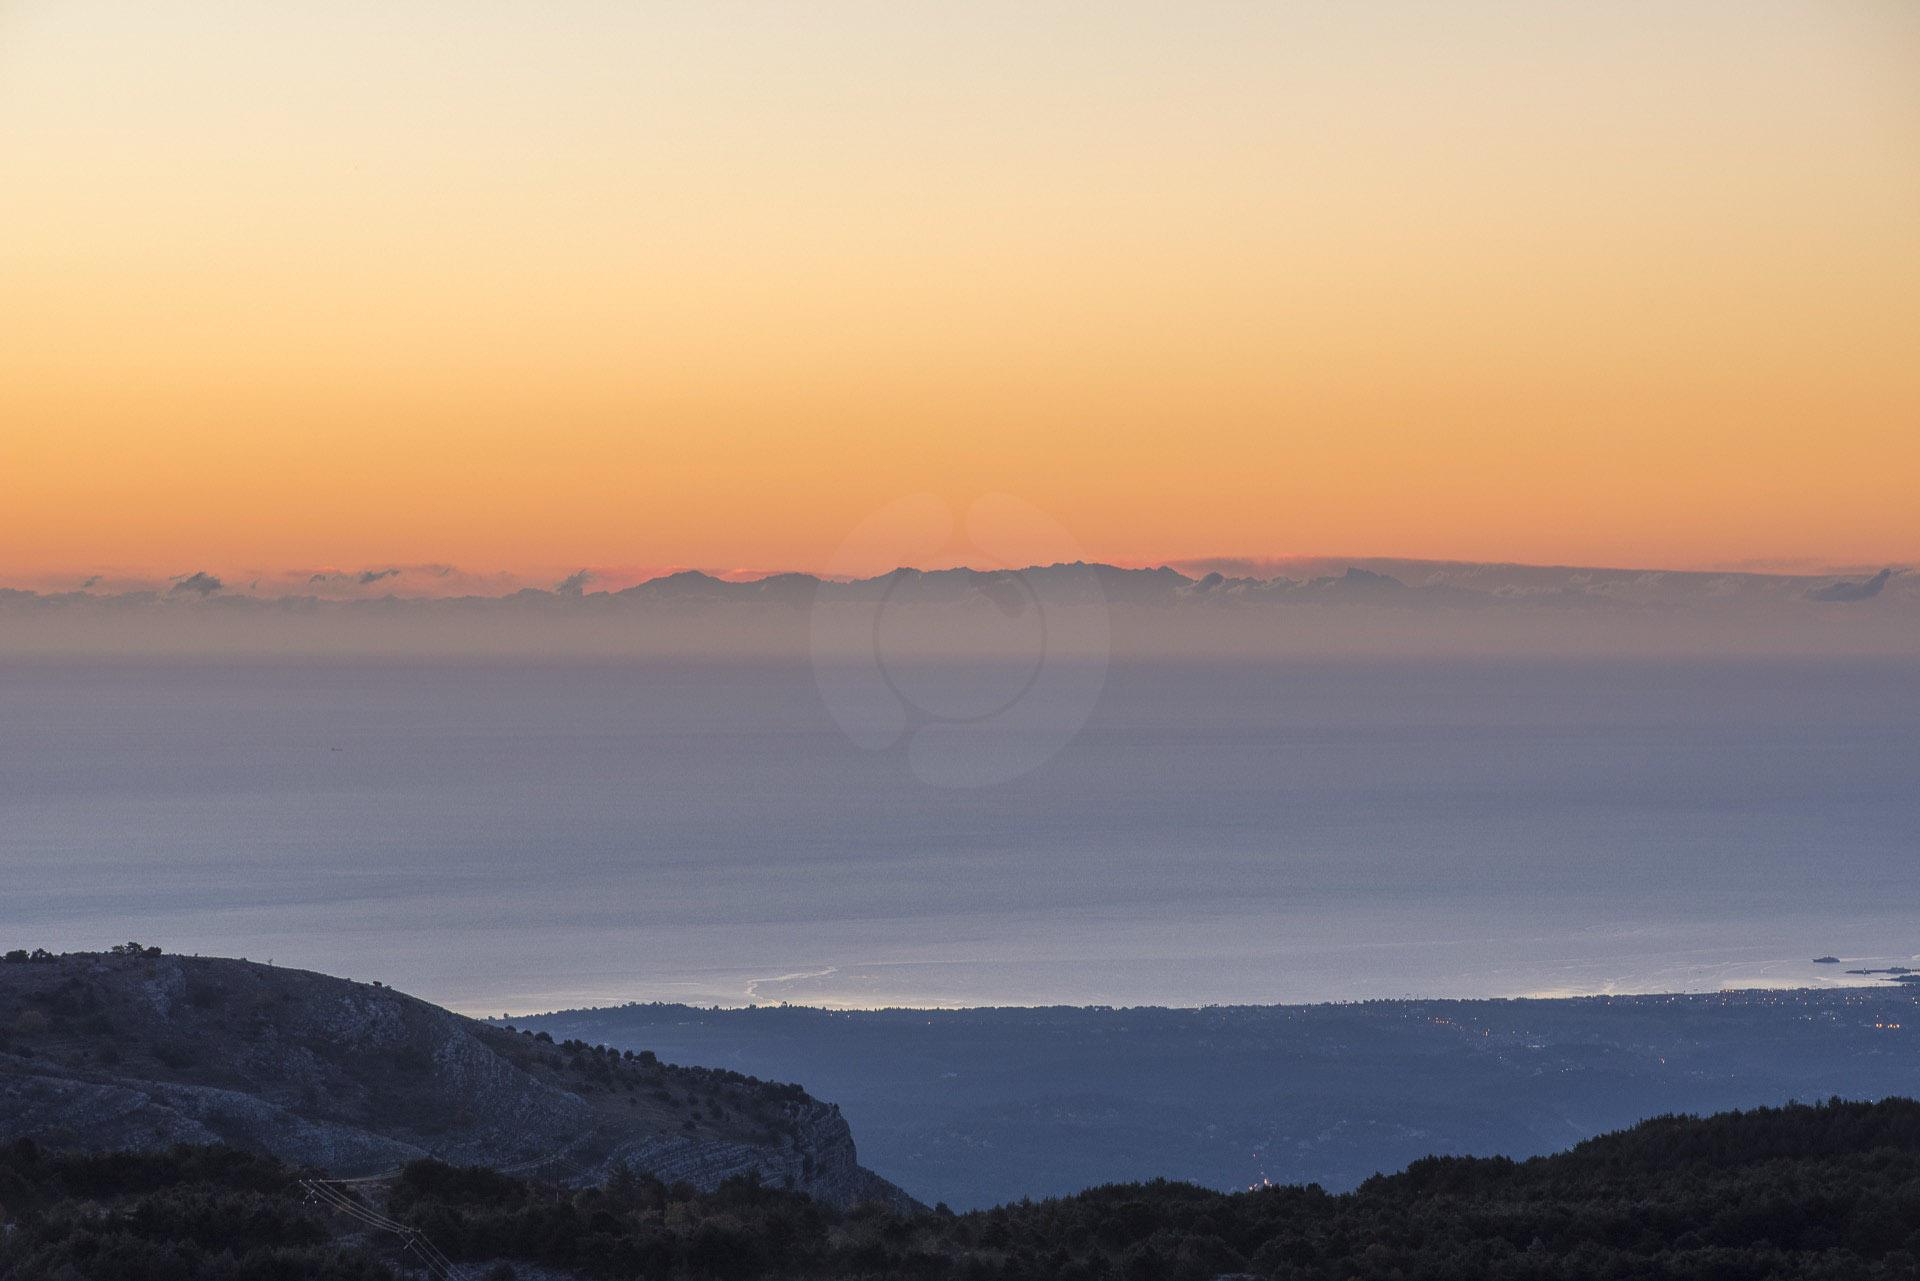 La Corse au lever du soleil vu depuis le plateau du Calern